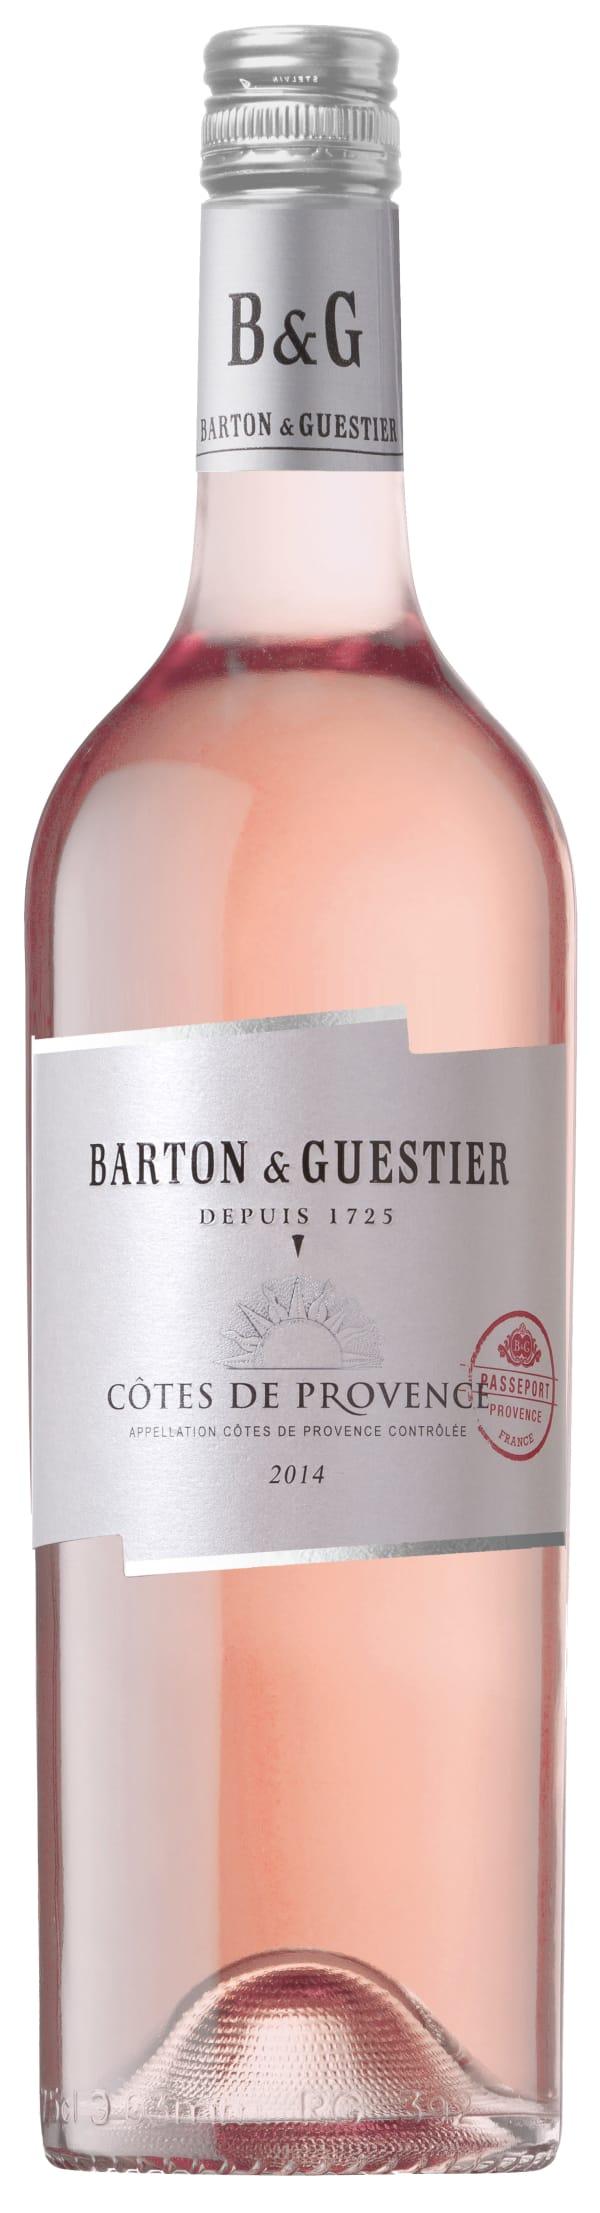 Barton & Guestier Rosé 2019